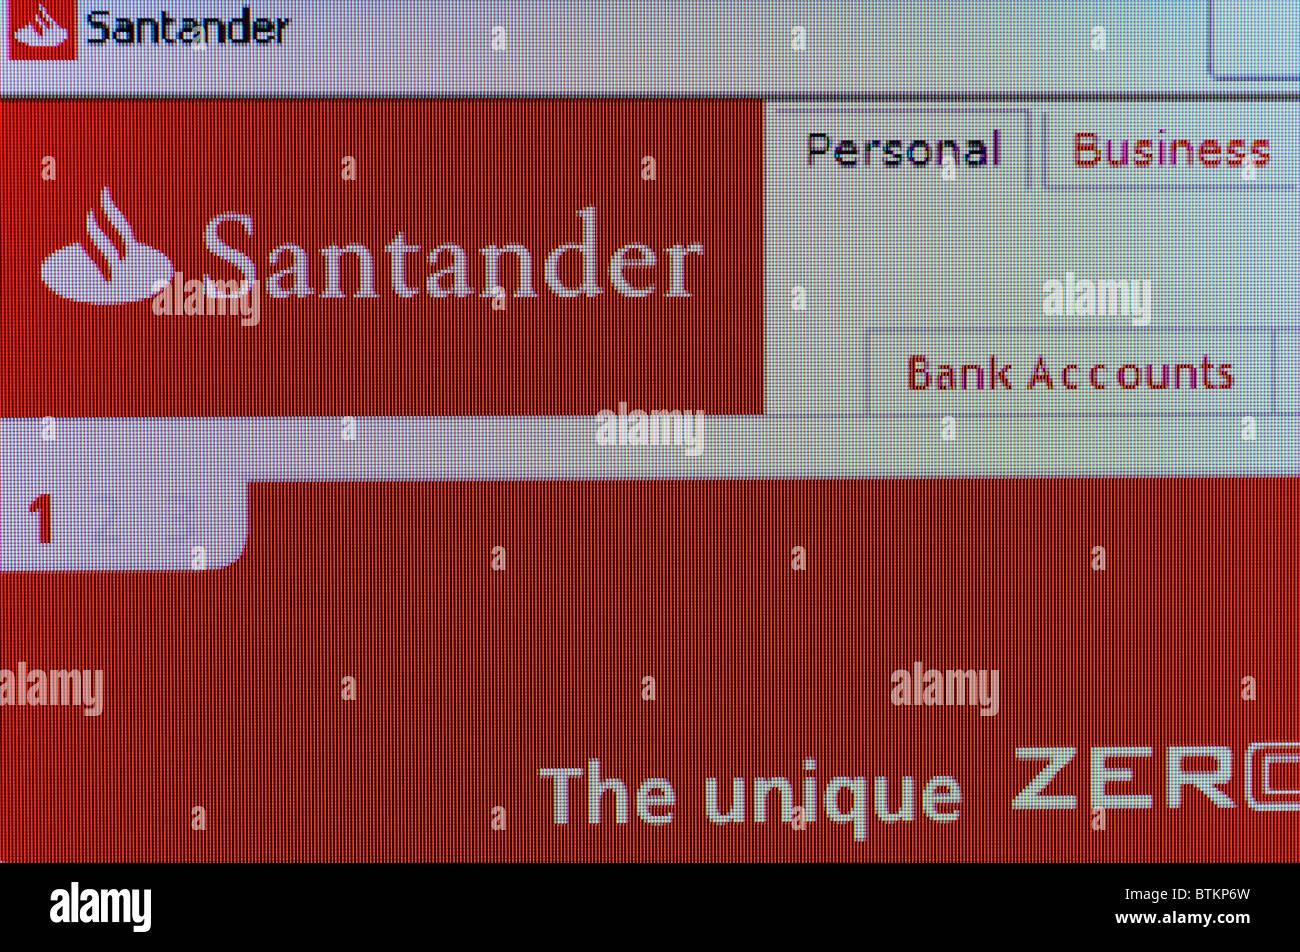 ' Santander ' internet banking website - Stock Image